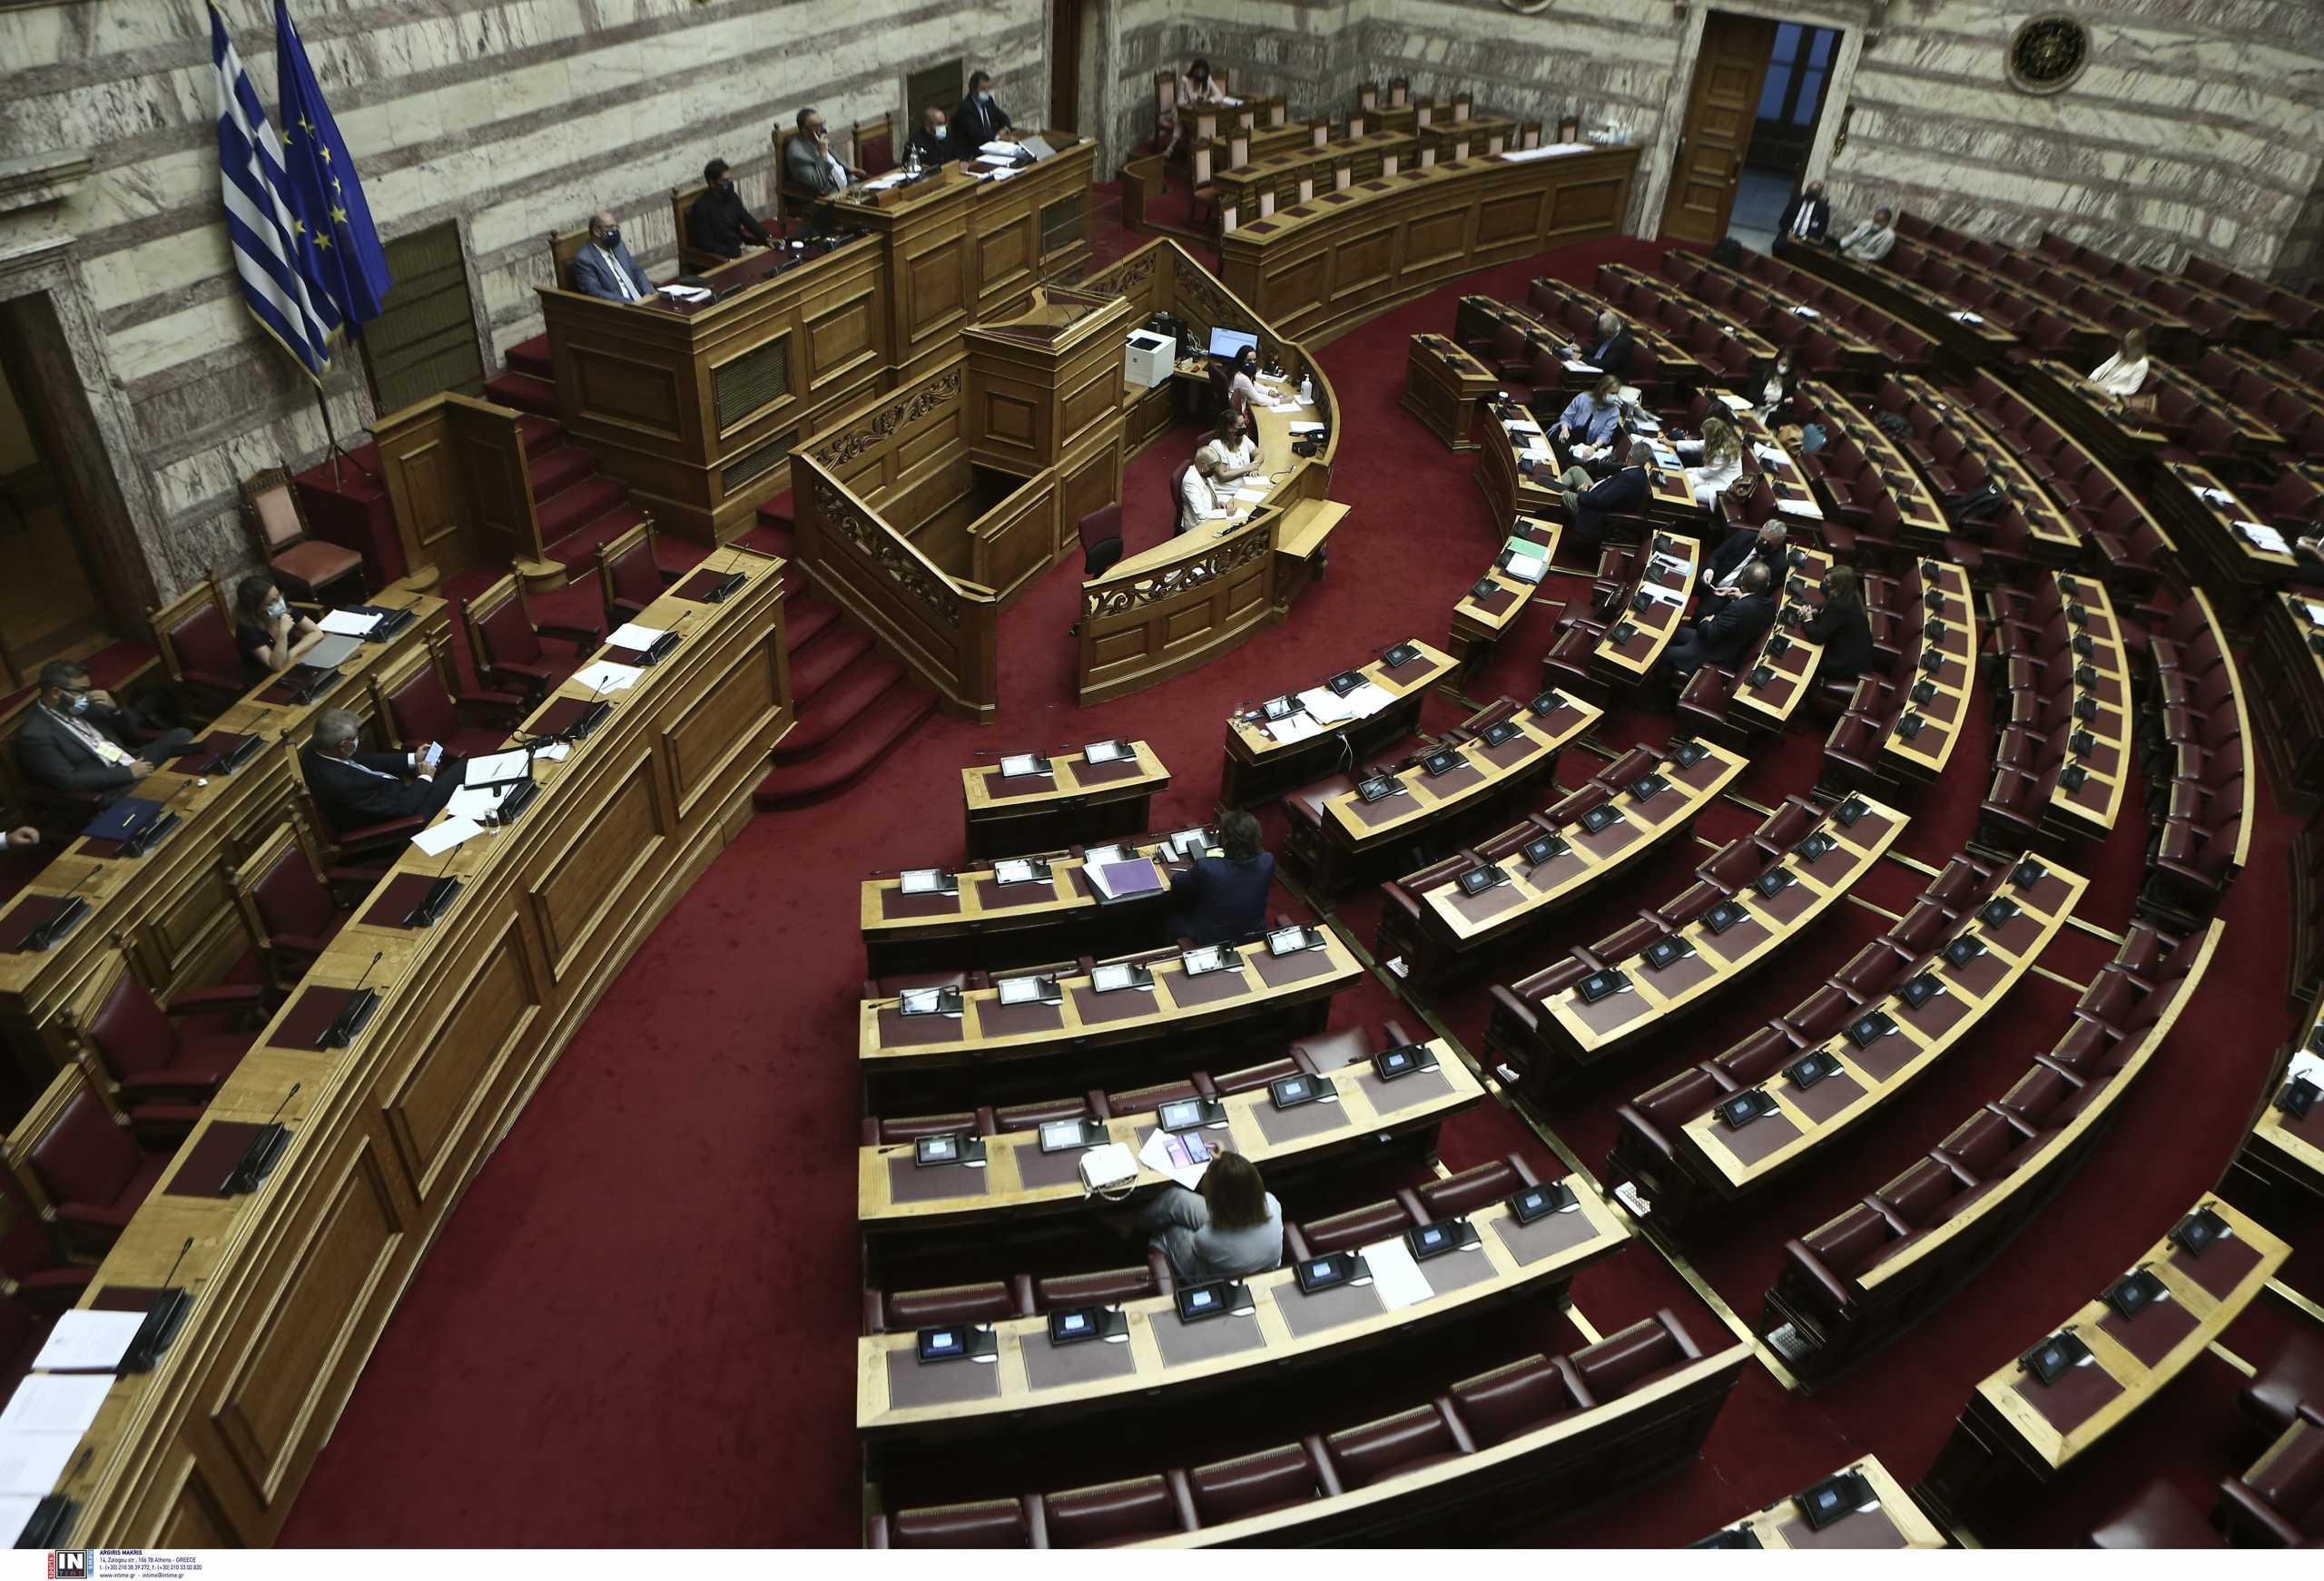 Ψηφίστηκε στη Βουλή το νομοσχέδιο για την ασφαλιστική μεταρρύθμιση – Χατζηδάκης: Οδηγούμαστε σε αρκετά μεγαλύτερες συντάξεις